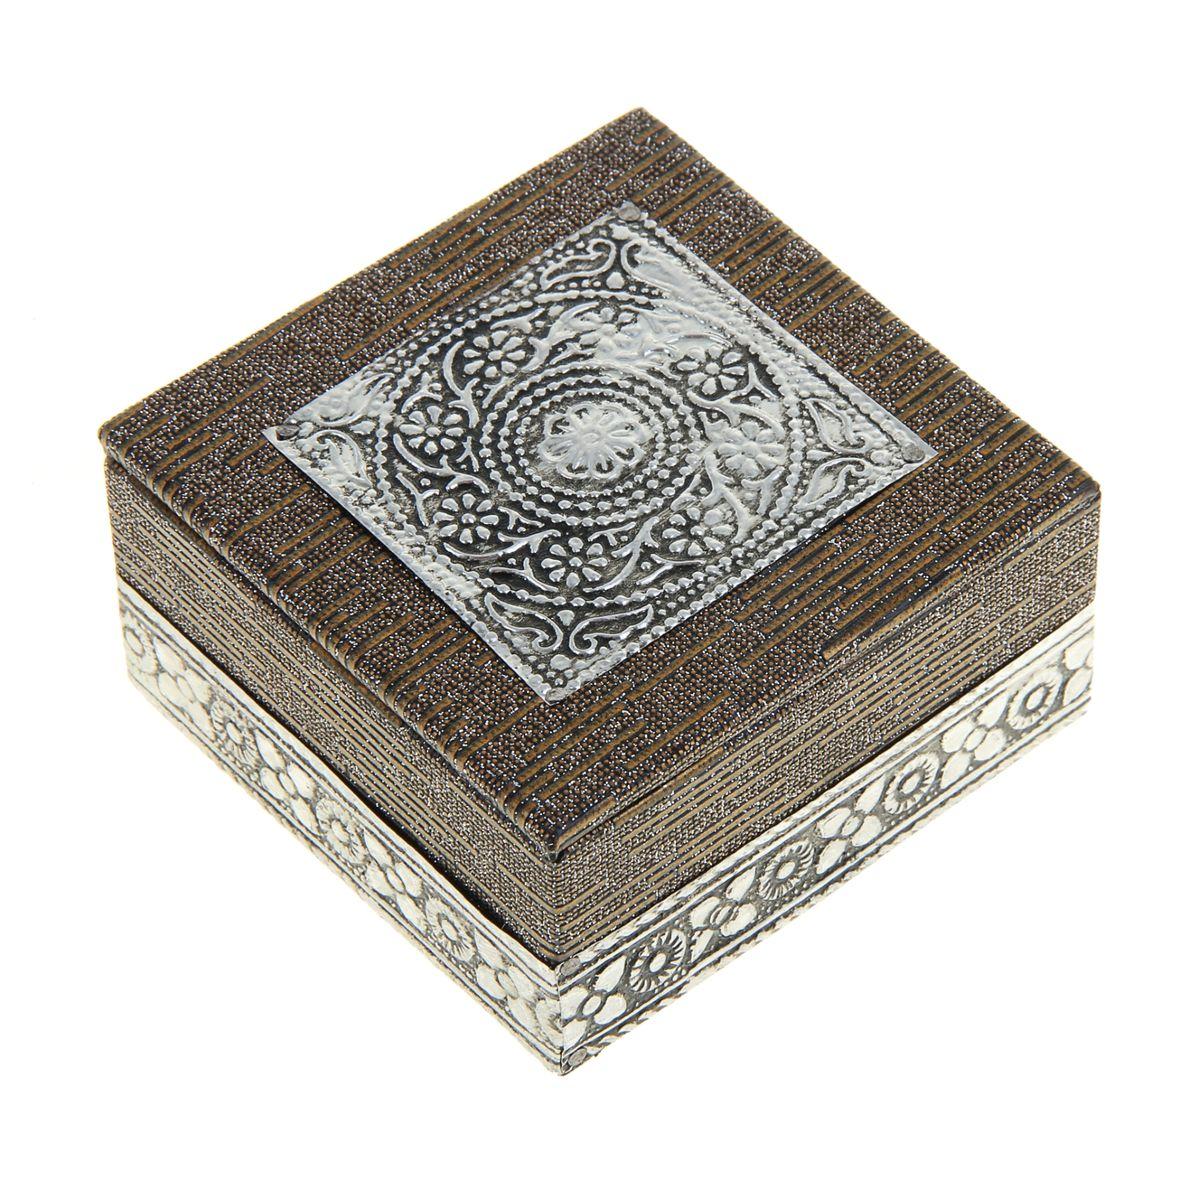 Шкатулка Sima-Land Символ божественности, 7,5 см х 7,5 см х 4 см842218Шкатулка Sima-land Символ божественности выполнена из МДФ и отделана металлом. Крышкаоформлена рельефными узорами в виде цветов.Чем больше шкатулок, тем больше украшений. Говорят, что шкатулки их притягивают. А если это настоящая индийская шкатулка, да еще и ручной работы, тогда точно все украшения будут заползать туда сами. Представьте, как там будет уютно вашим сережкам или подвеске, часам или цепочке: это настоящий дворец для любимых аксессуаров. Шкатулка для украшений Символ божественности, словно настоящий ларец принцессы, ее форма, материал, узоры, оригинальное обрамление, все это буквально завораживает. Ваши украшения скажут вам только спасибо за такой славный домик! Шкатулка станет приятным подарком женщине по случаю праздника, она обязательно оценит ваш безупречный вкус.